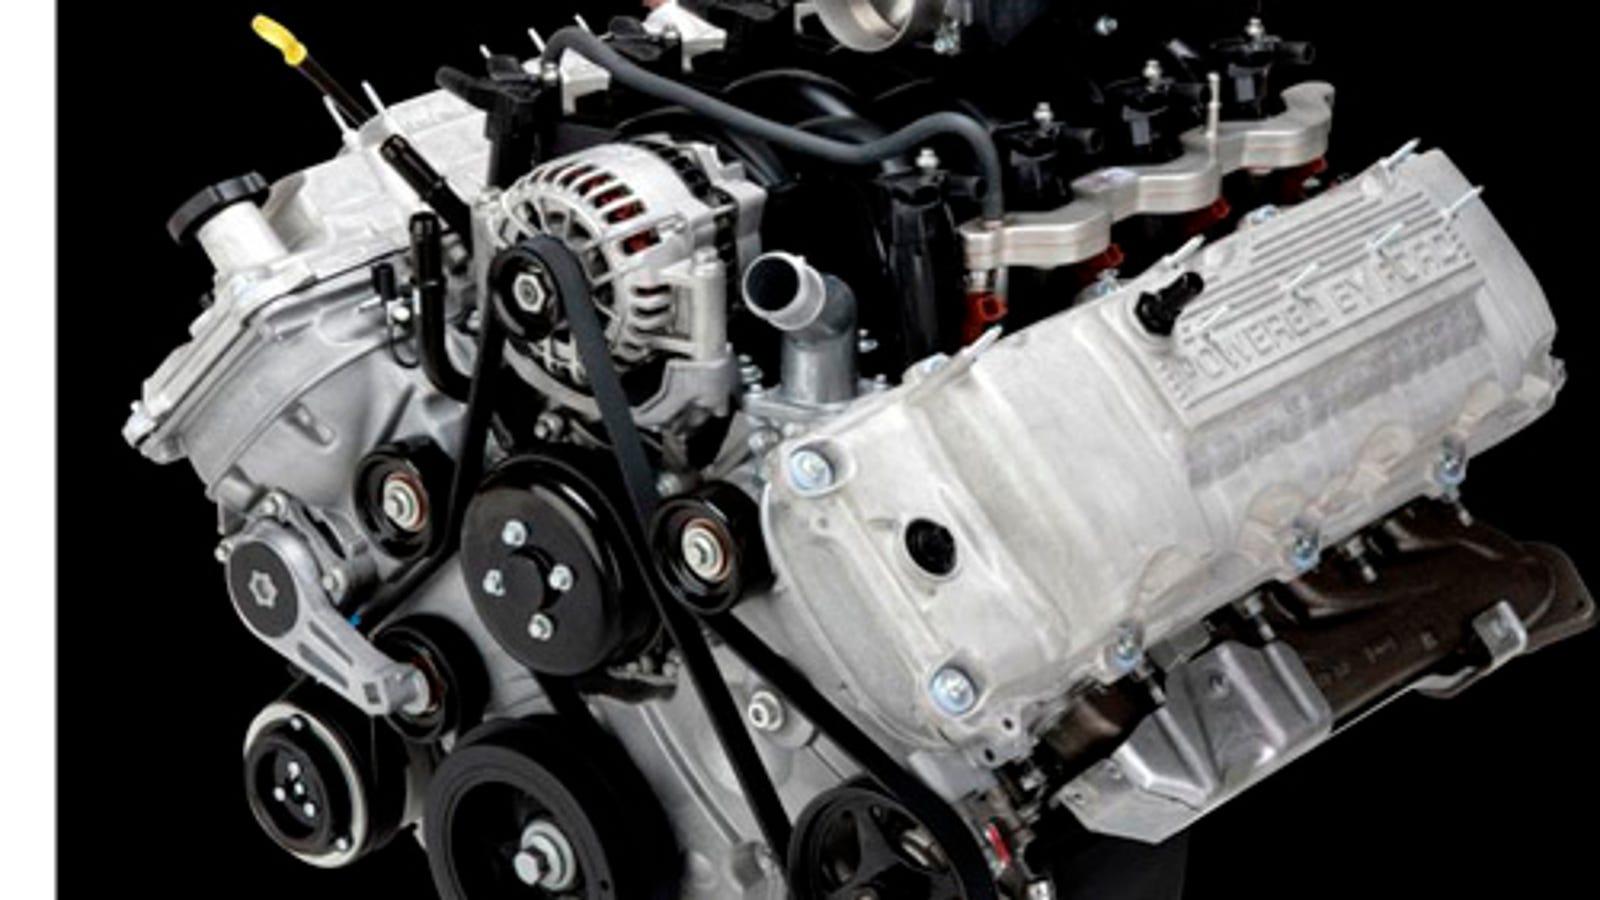 6 2 Liter Gasoline V8